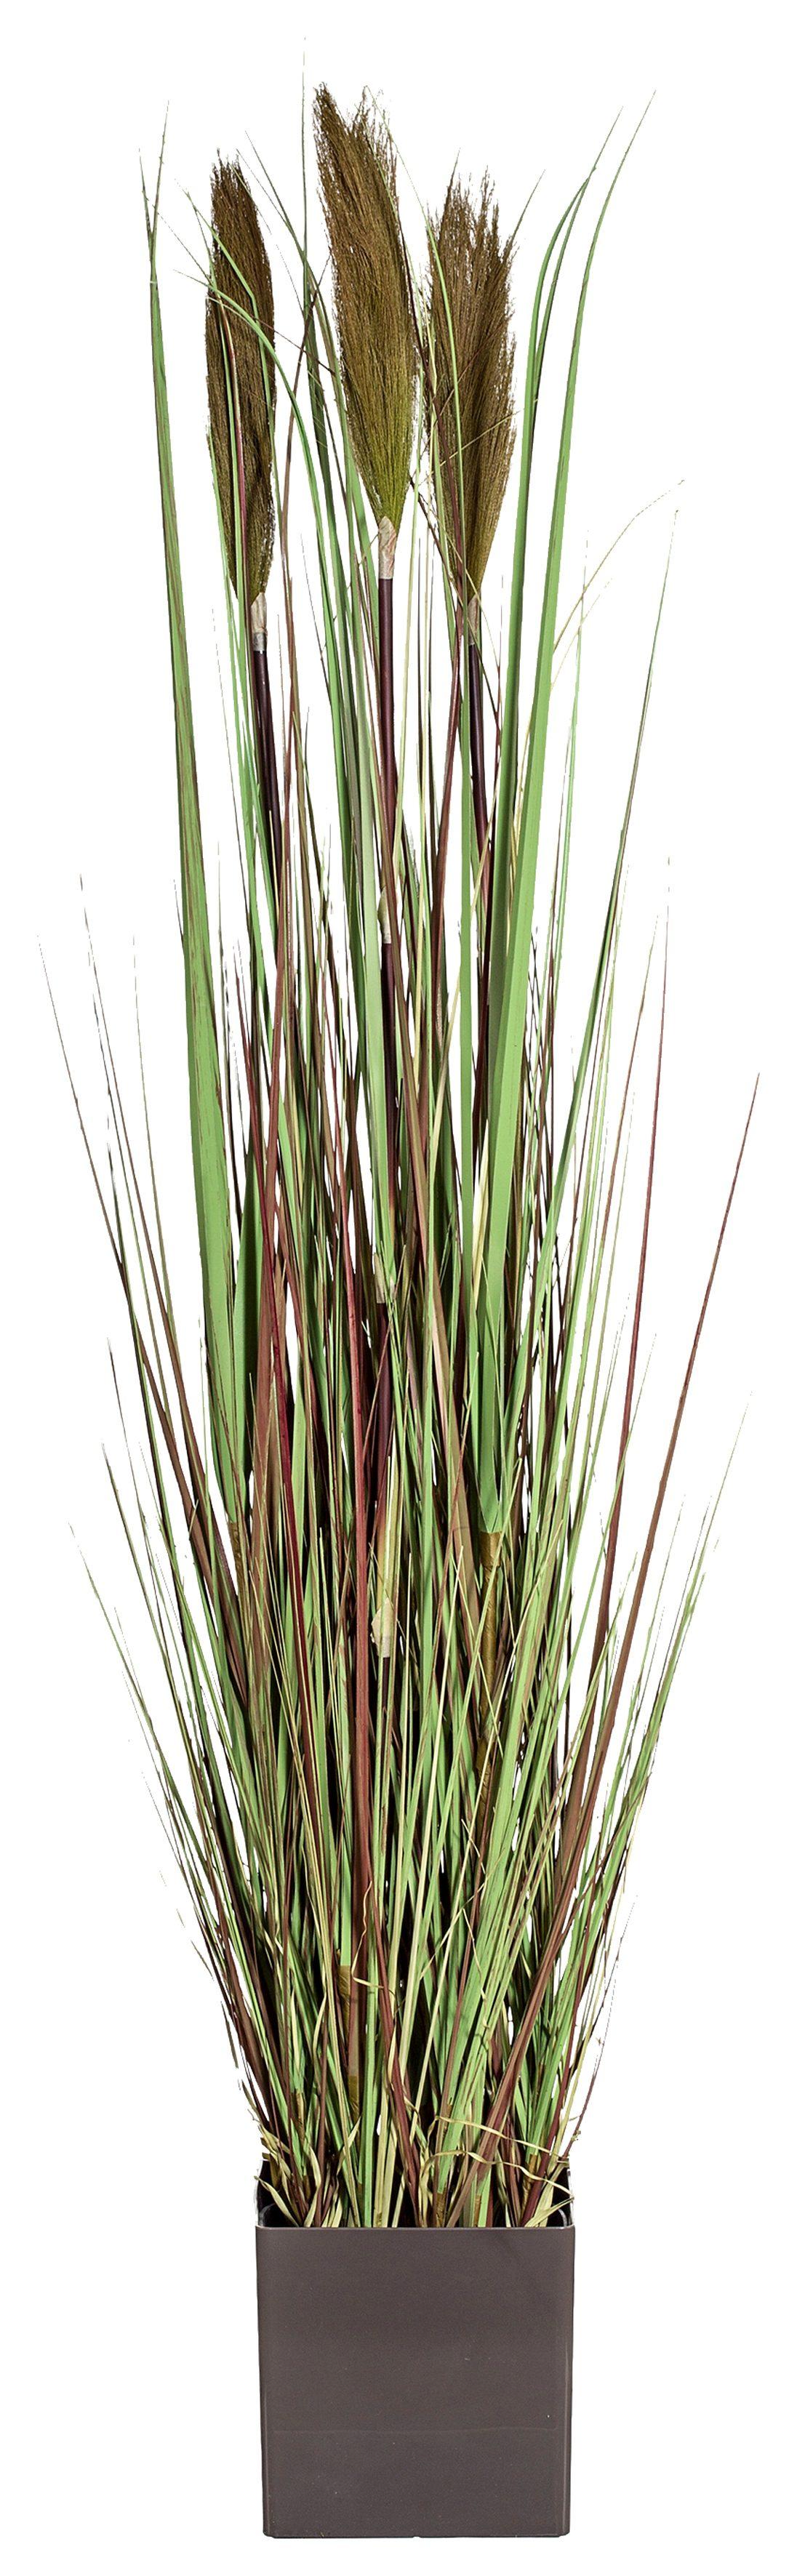 Home affaire Kunstpflanze »Gras« ca. 120 cm hoch